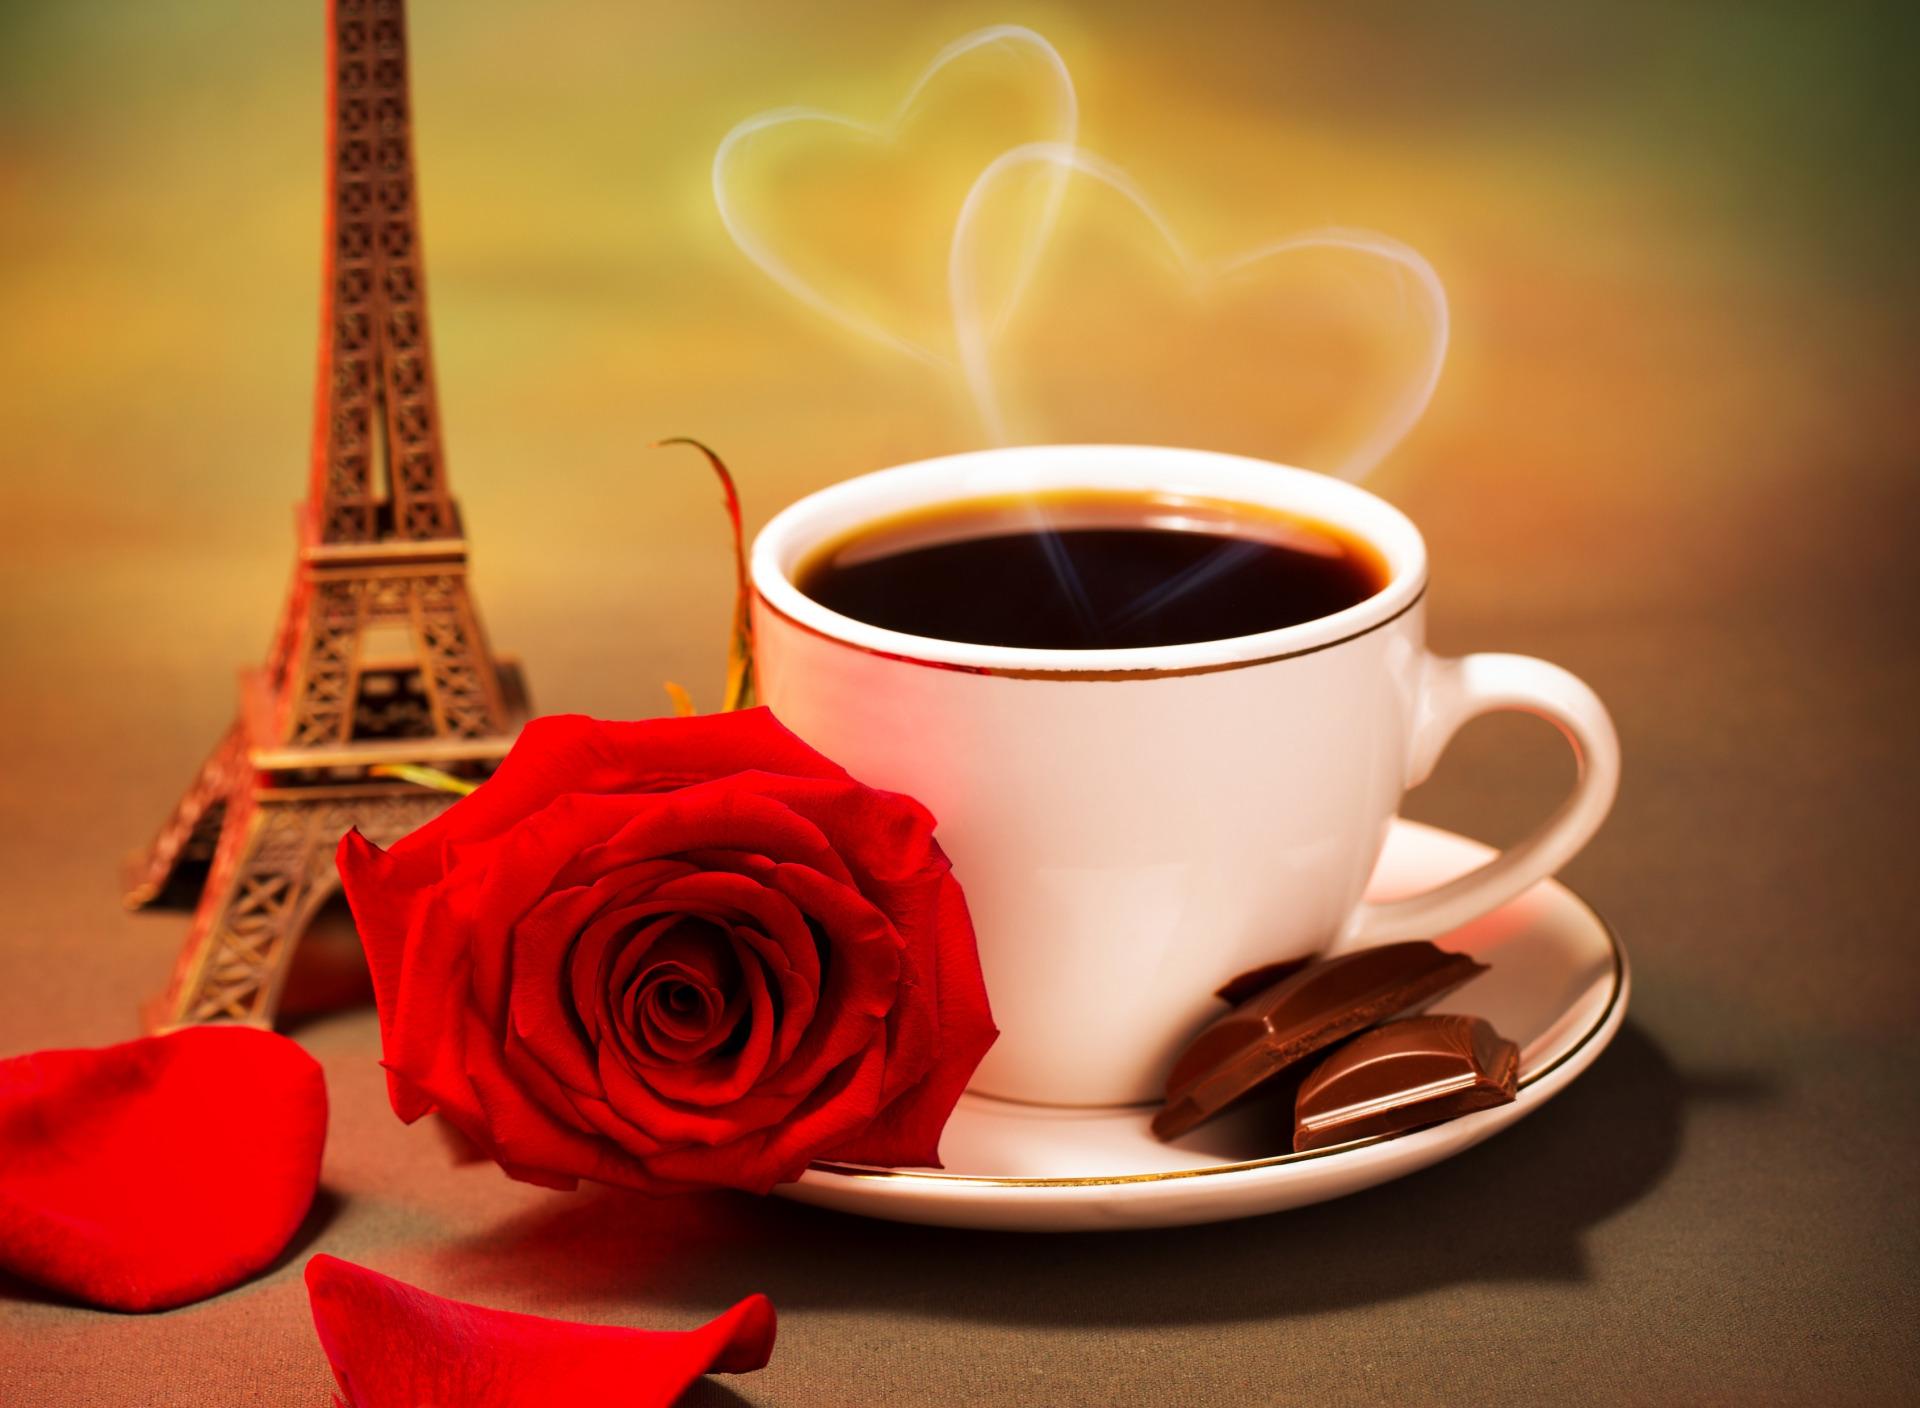 кофе шоколад и цветы картинки анимация которые кушали эту